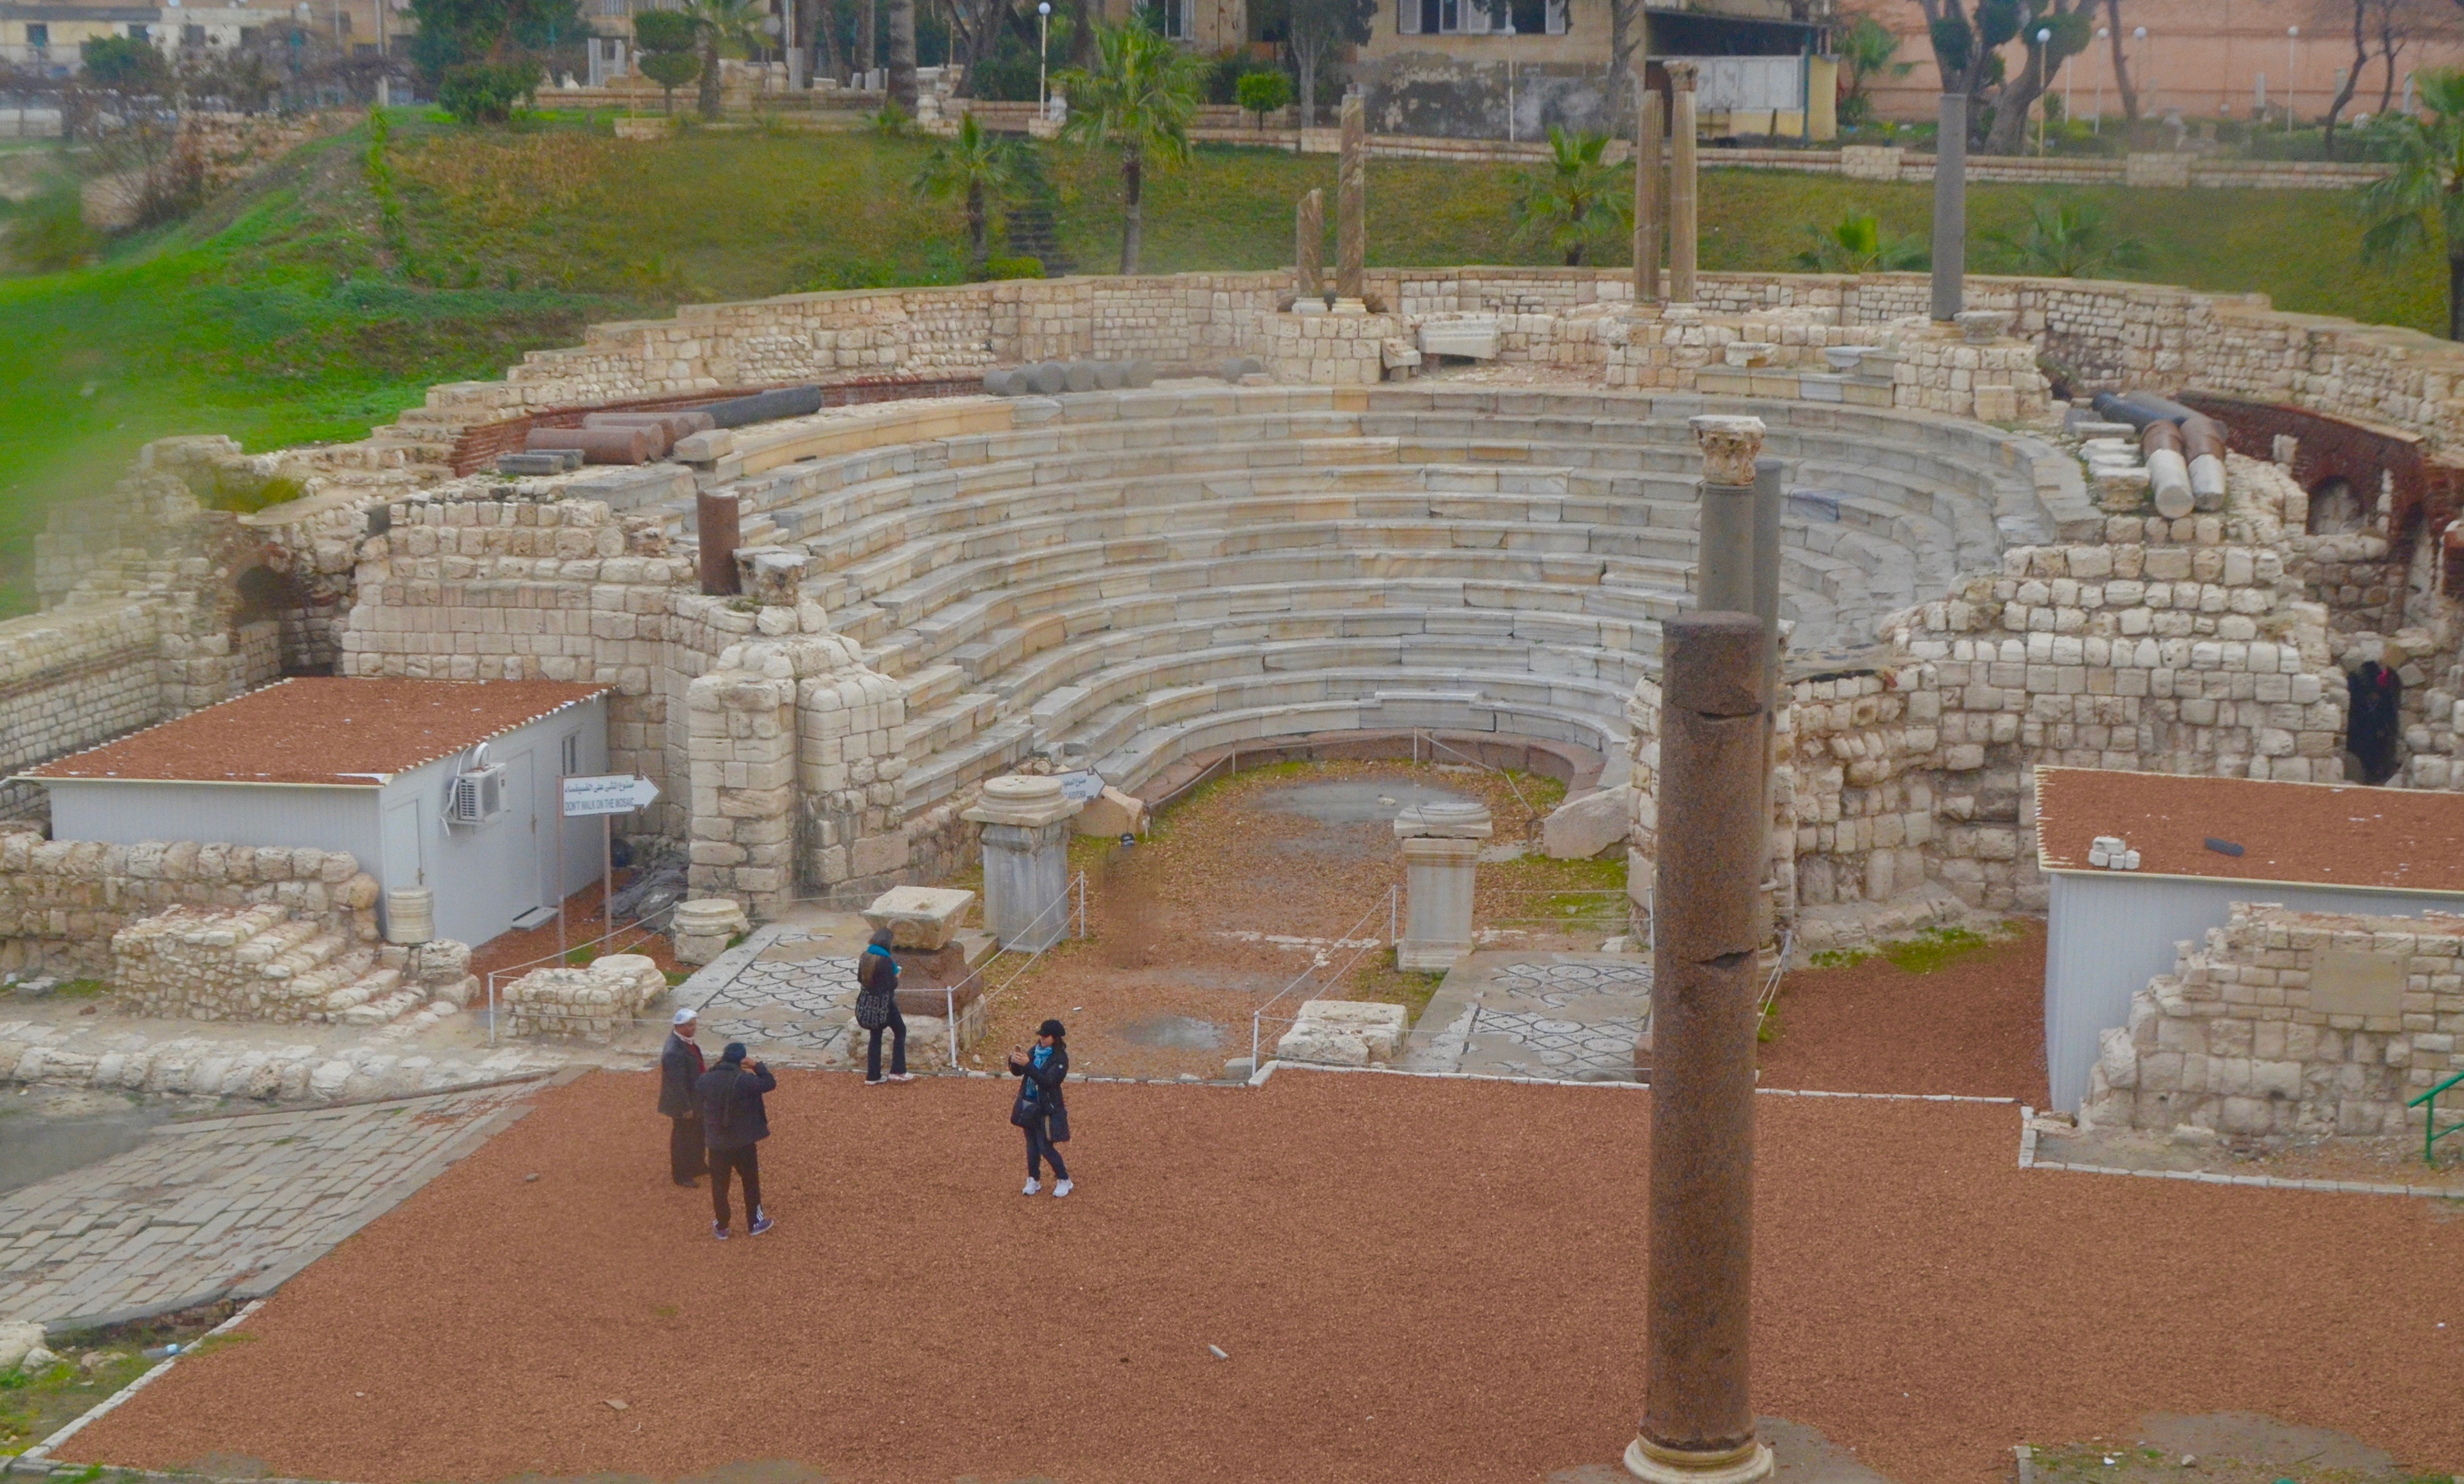 люди александрия греция фото распределить внутреннее пространство